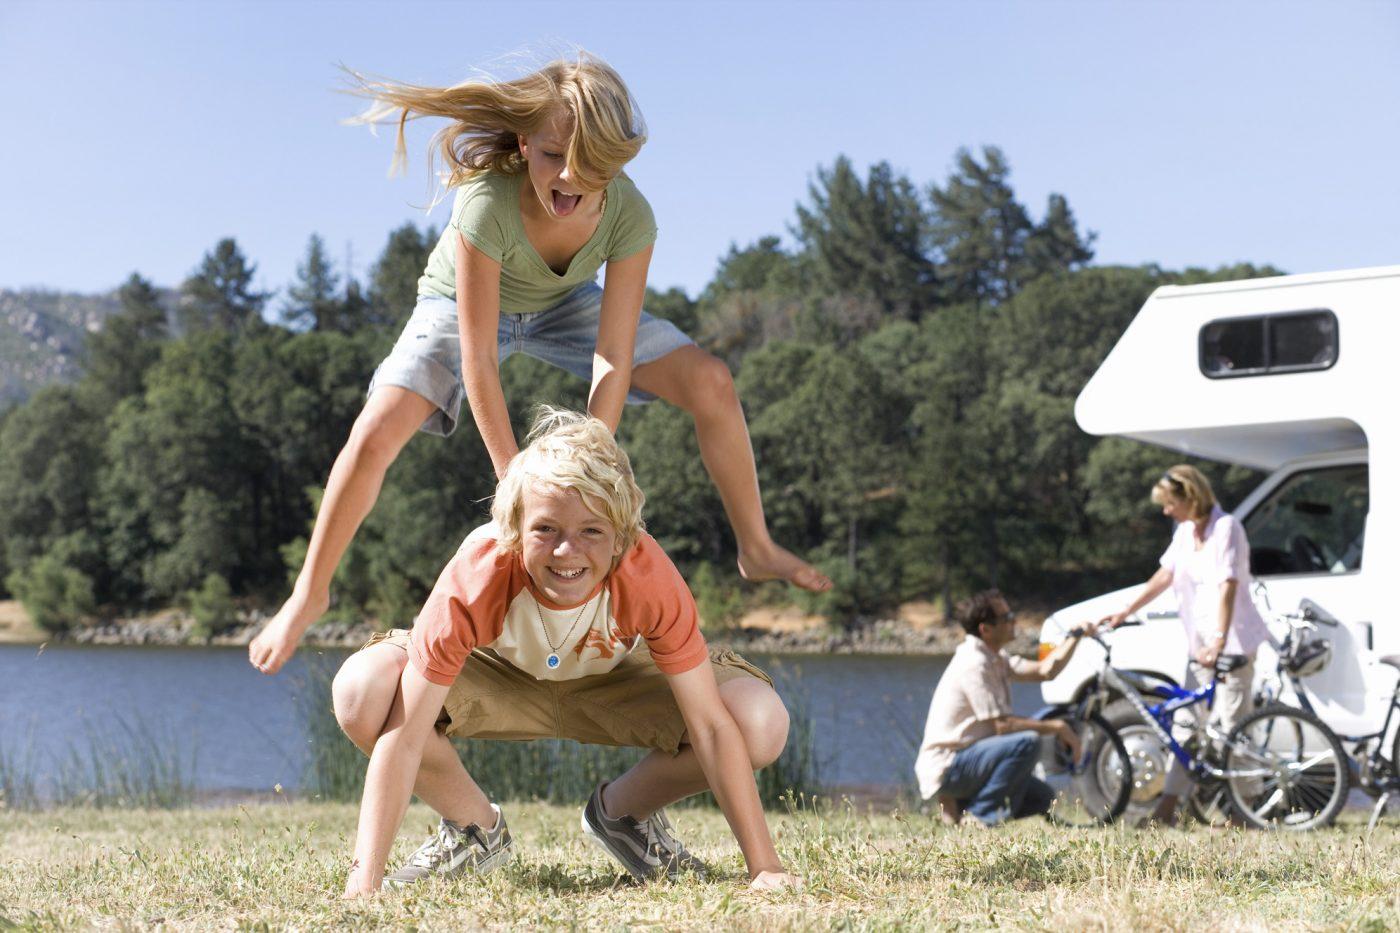 Zwei Kinder spielen gemeinsam, während im Hintergrund ein Paar vor einem Wohnmobil zu seheh ist.